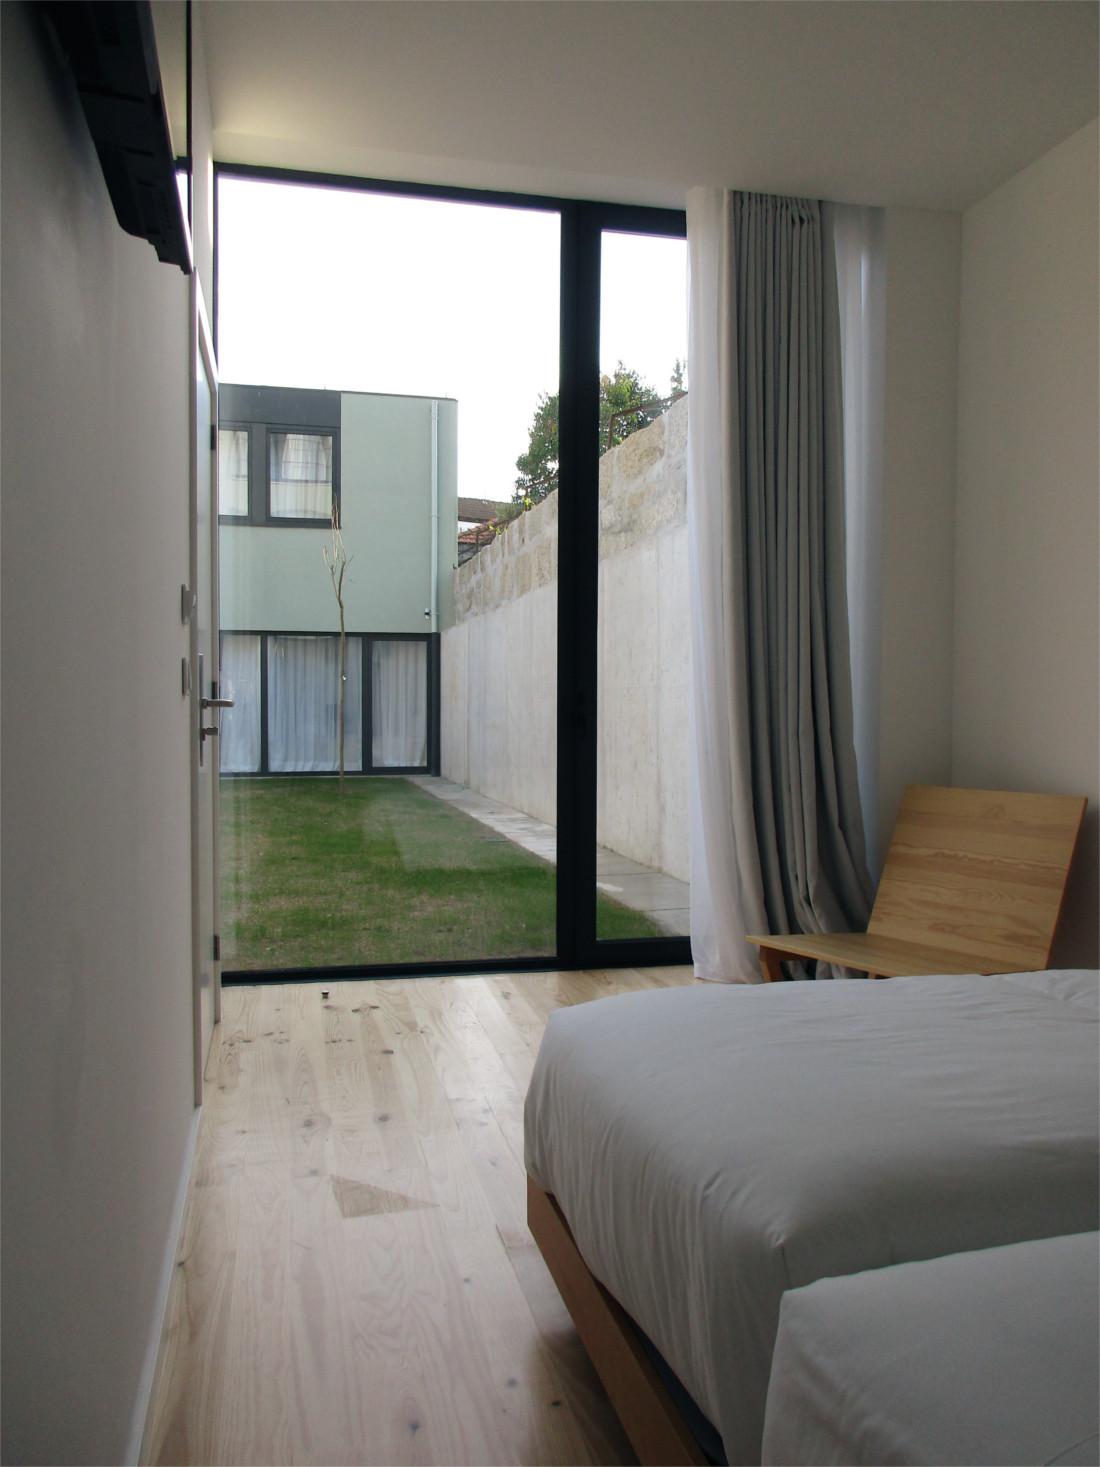 Arquitectos e engenheiros da utopia hostel no porto for Interior 1 arquitectura